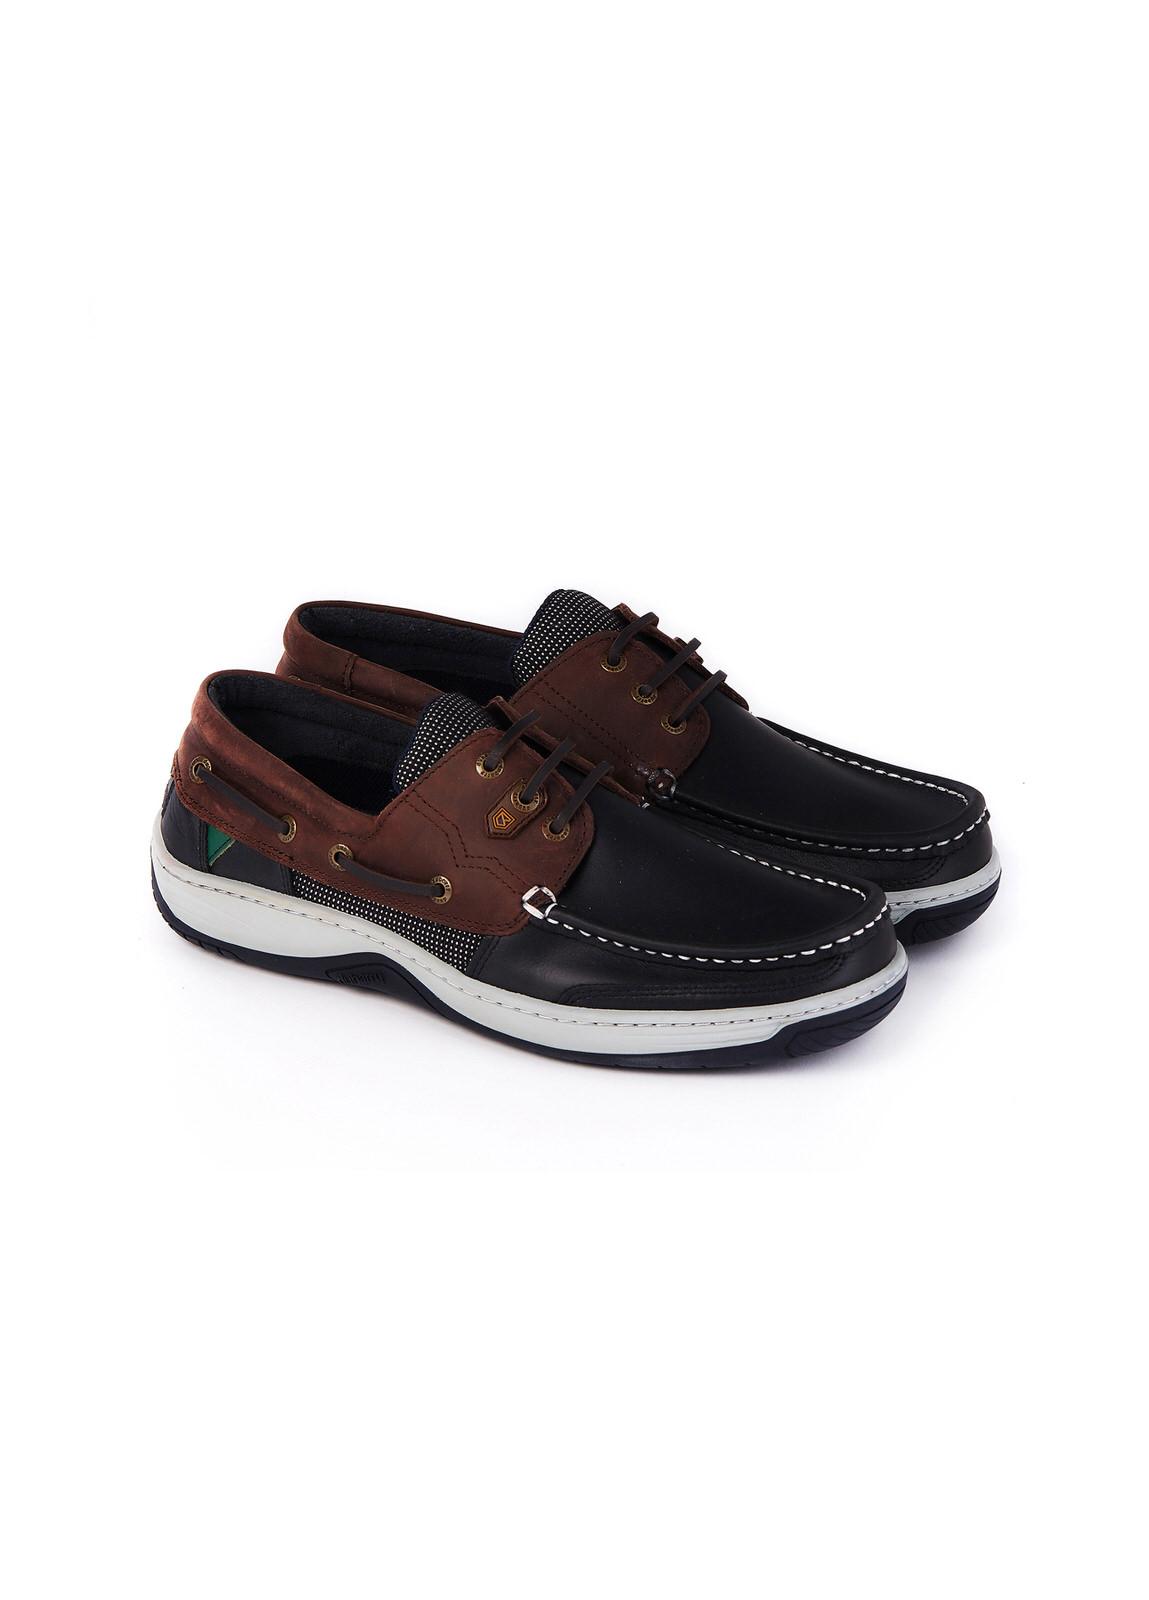 Regatta_Deck_Shoe_Navy/Brown_Image_1